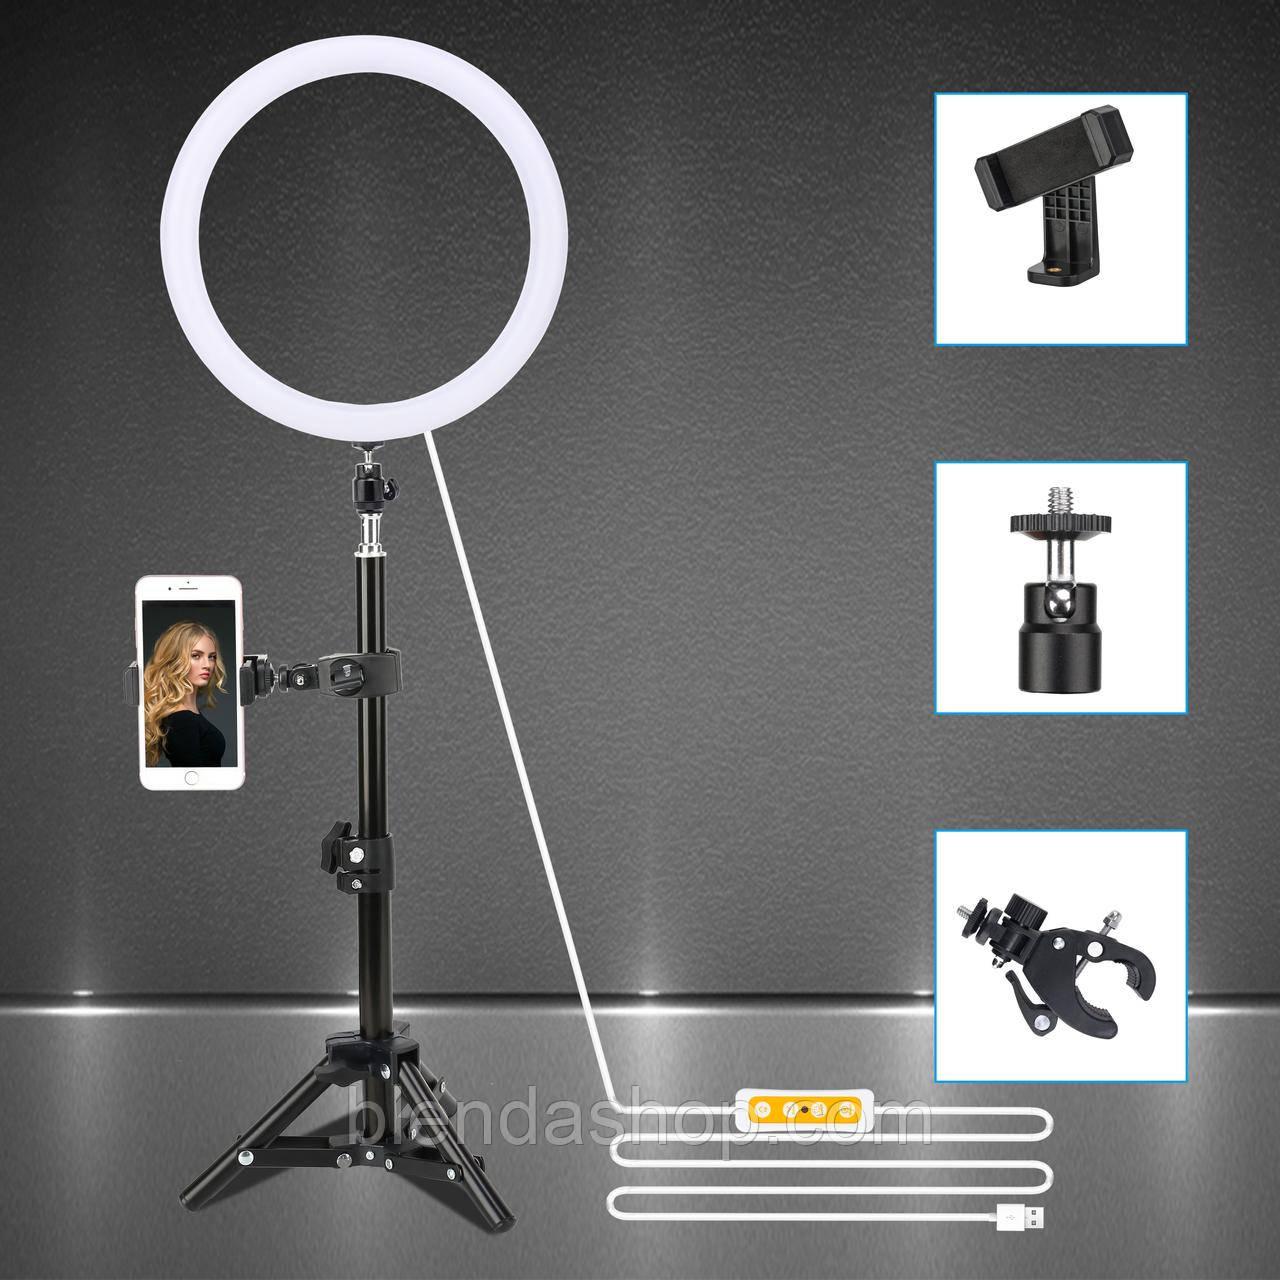 """Комплект кольцевой LED свет ZM118 (10"""" - 27см) + пульт + пульт для телефона + стойка 45 см + крепления"""